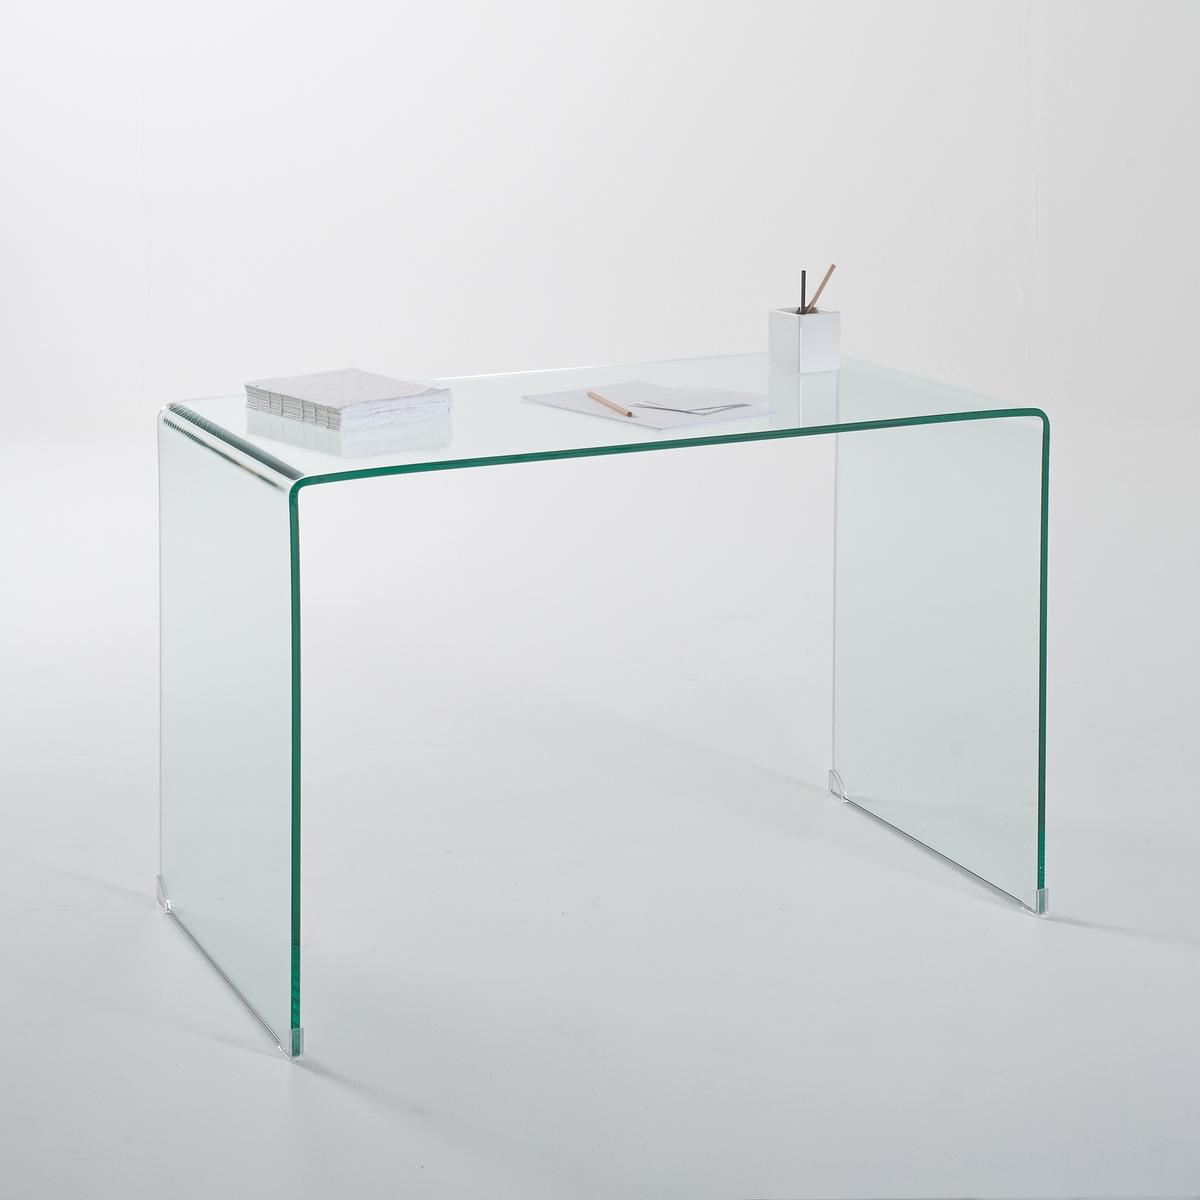 Стол La Redoute Письменный из закаленного стекла Joan единый размер зеленый